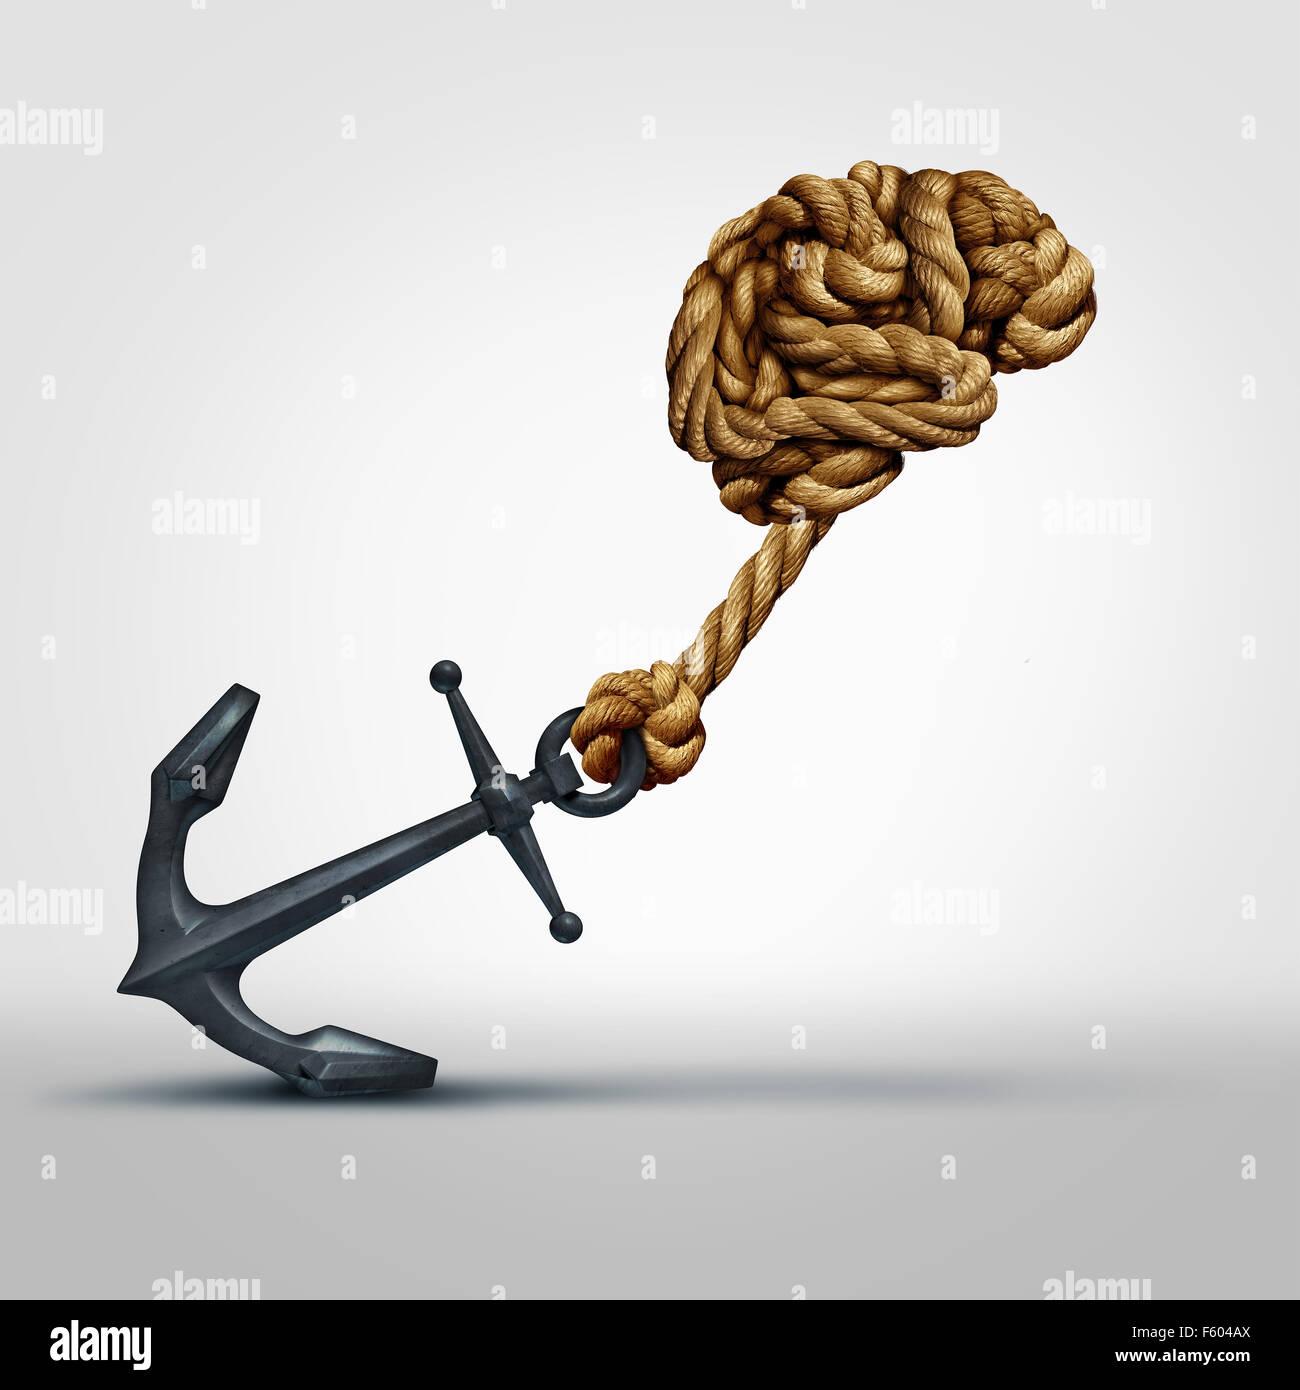 Gehirn-Stärke-Konzept als eine Gruppe von Seilen Form menschlichen Denkens Orgel ziehen einen schweren Anker Stockbild